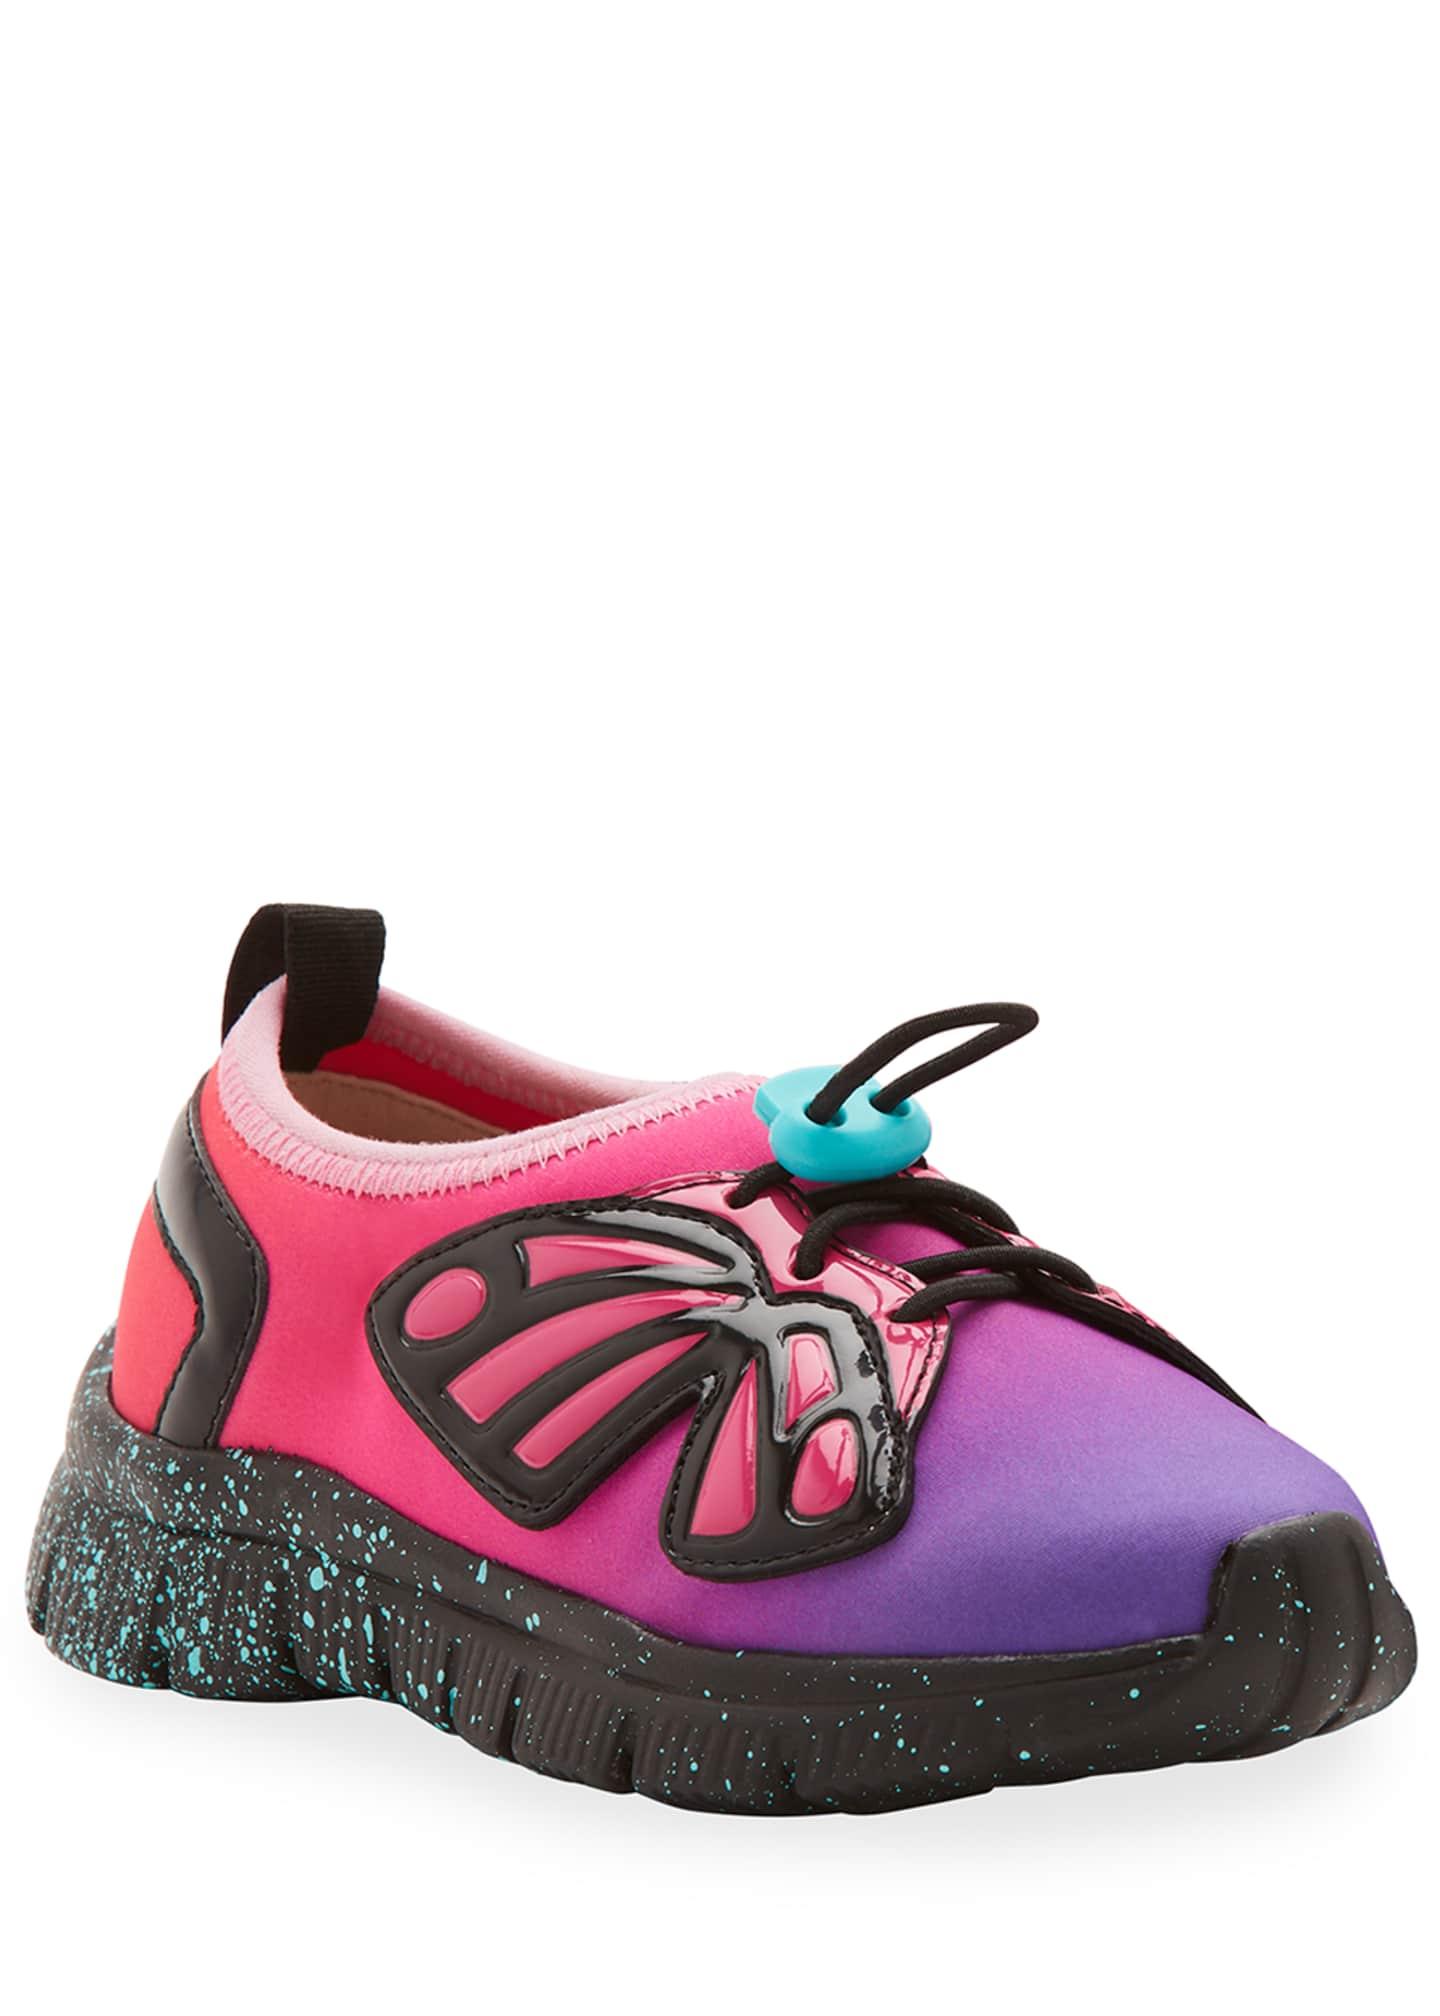 Sophia Webster Fly-Bi Gradient Scuba Mesh Butterfly-Wing